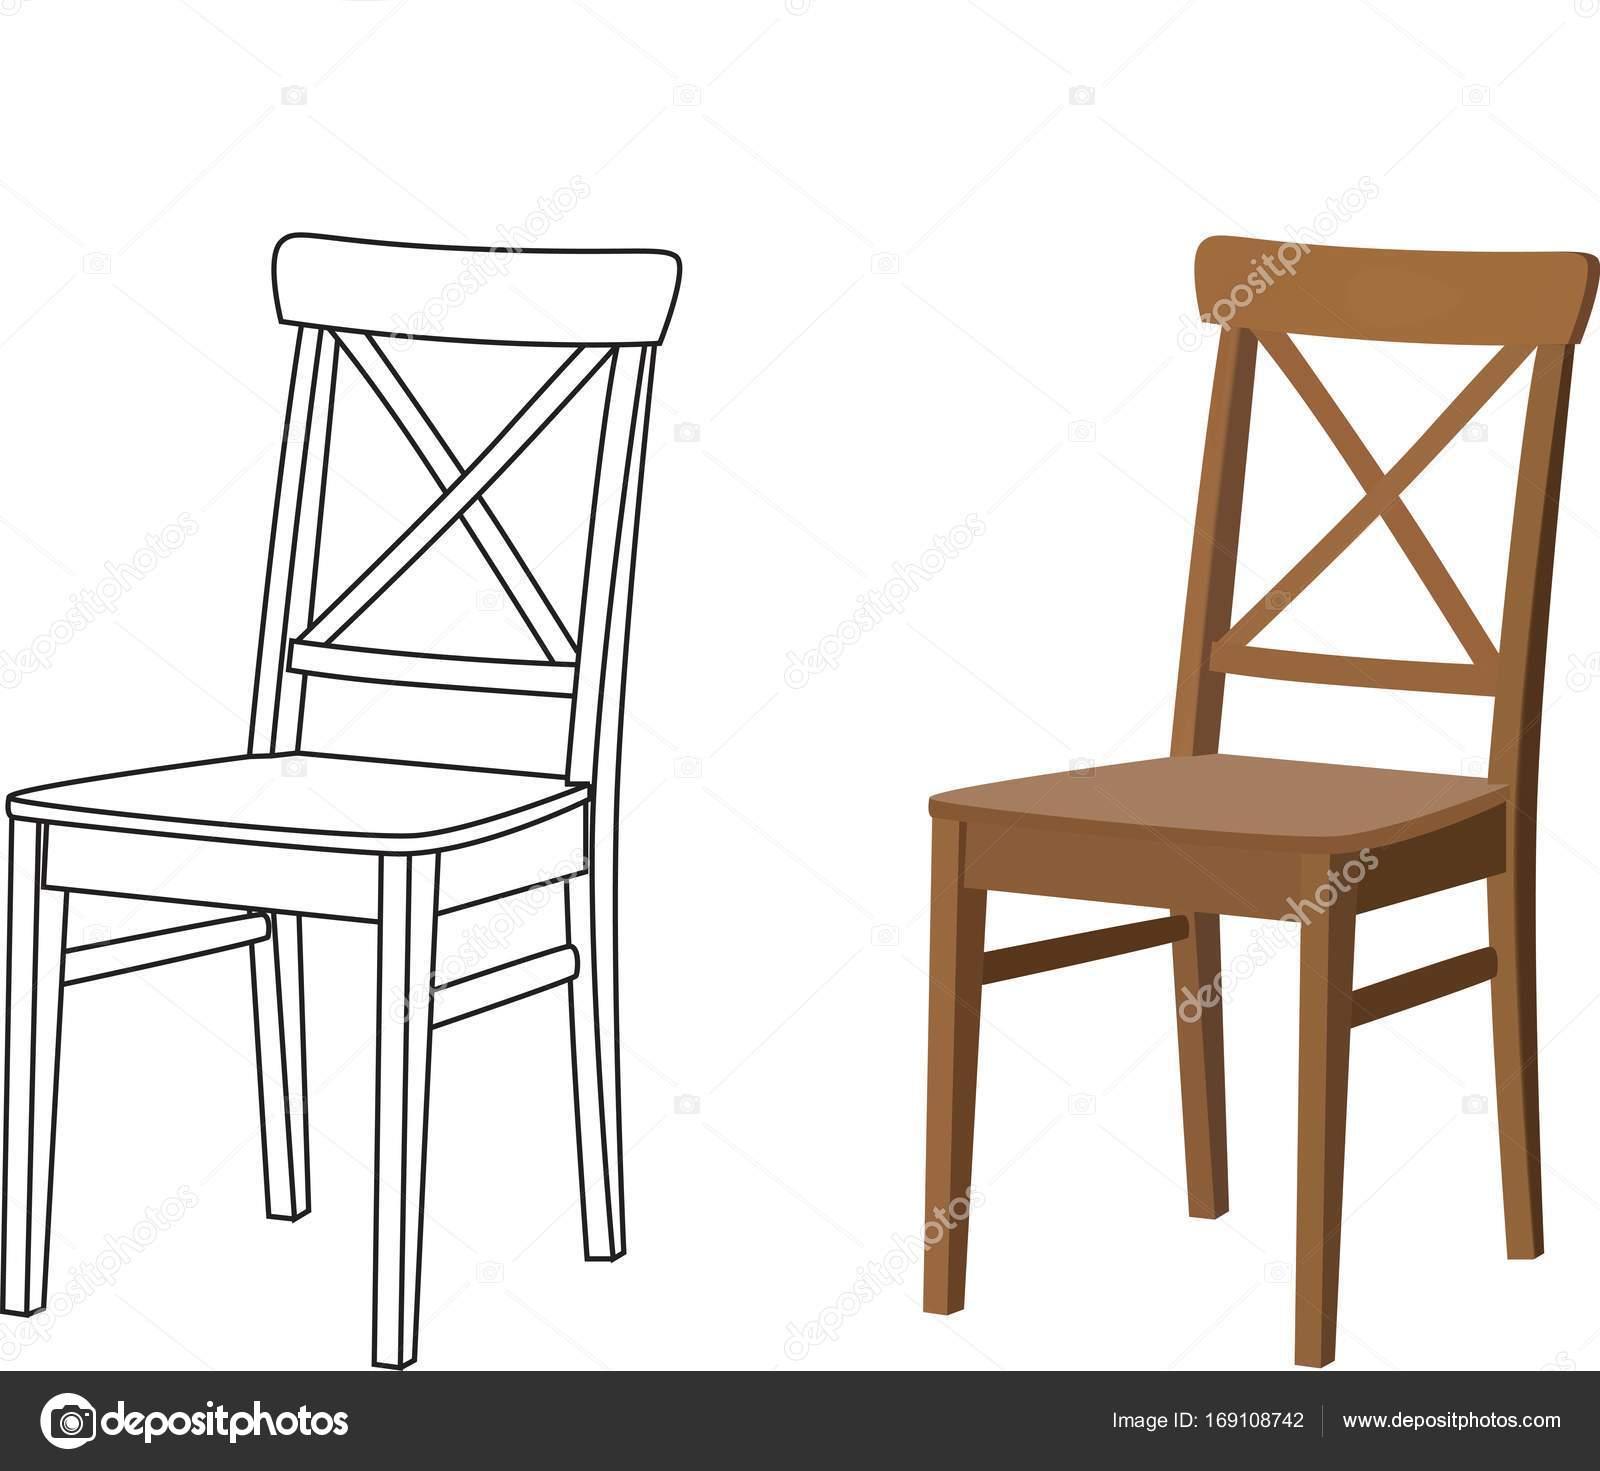 modelos 3D de la silla Vector de stock 7koluchka7 169108742